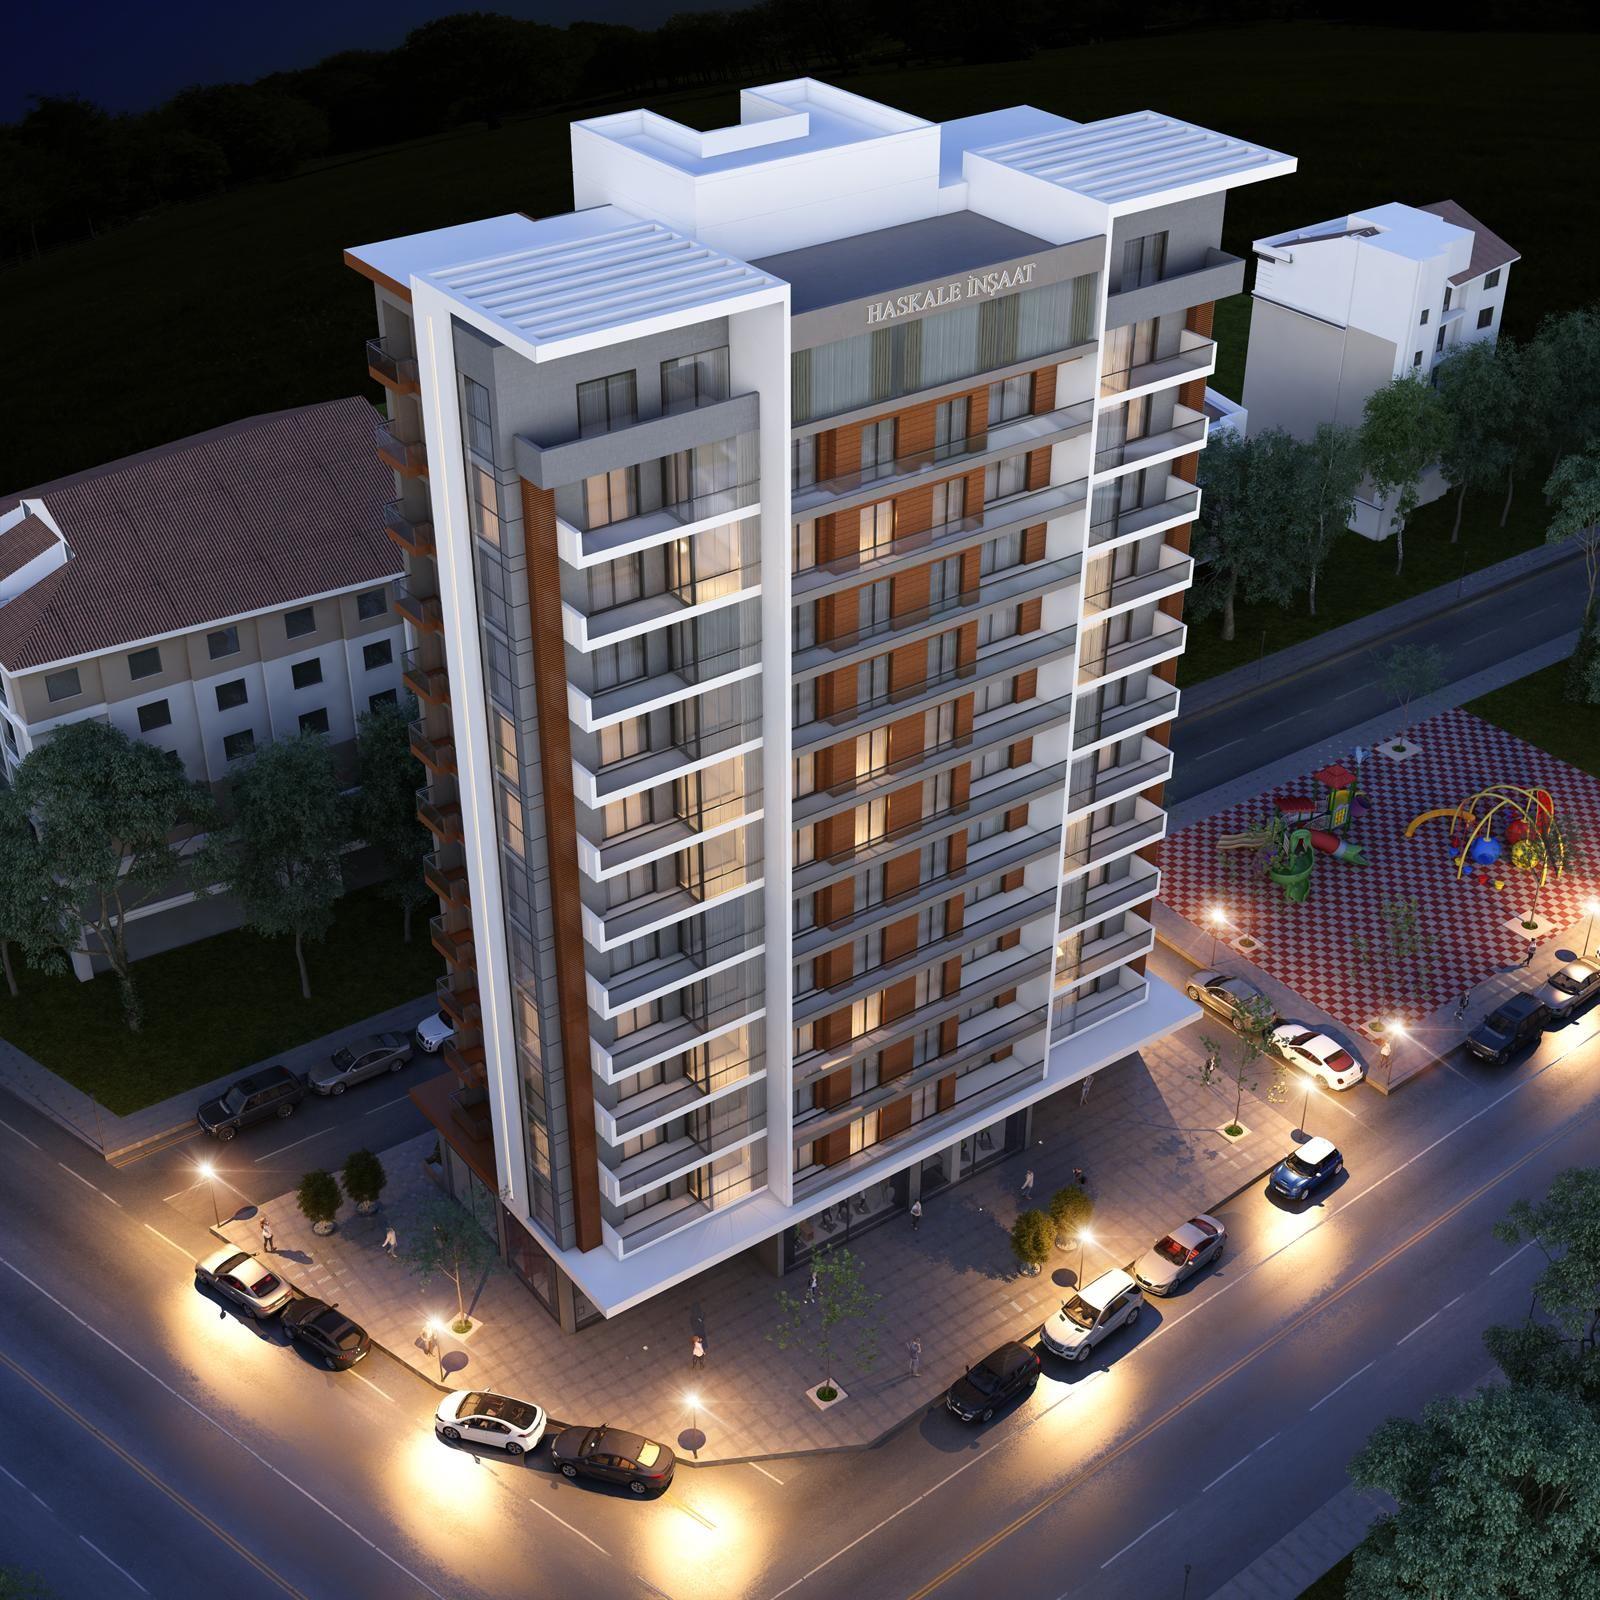 признался, что оформление фасадов жилых многоэтажных зданий фото полностью